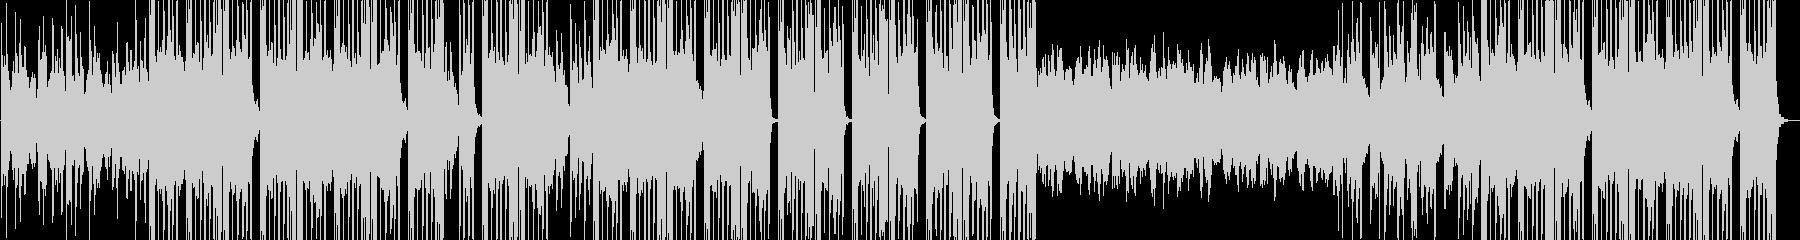 洋楽風ヒップホップトラックの未再生の波形